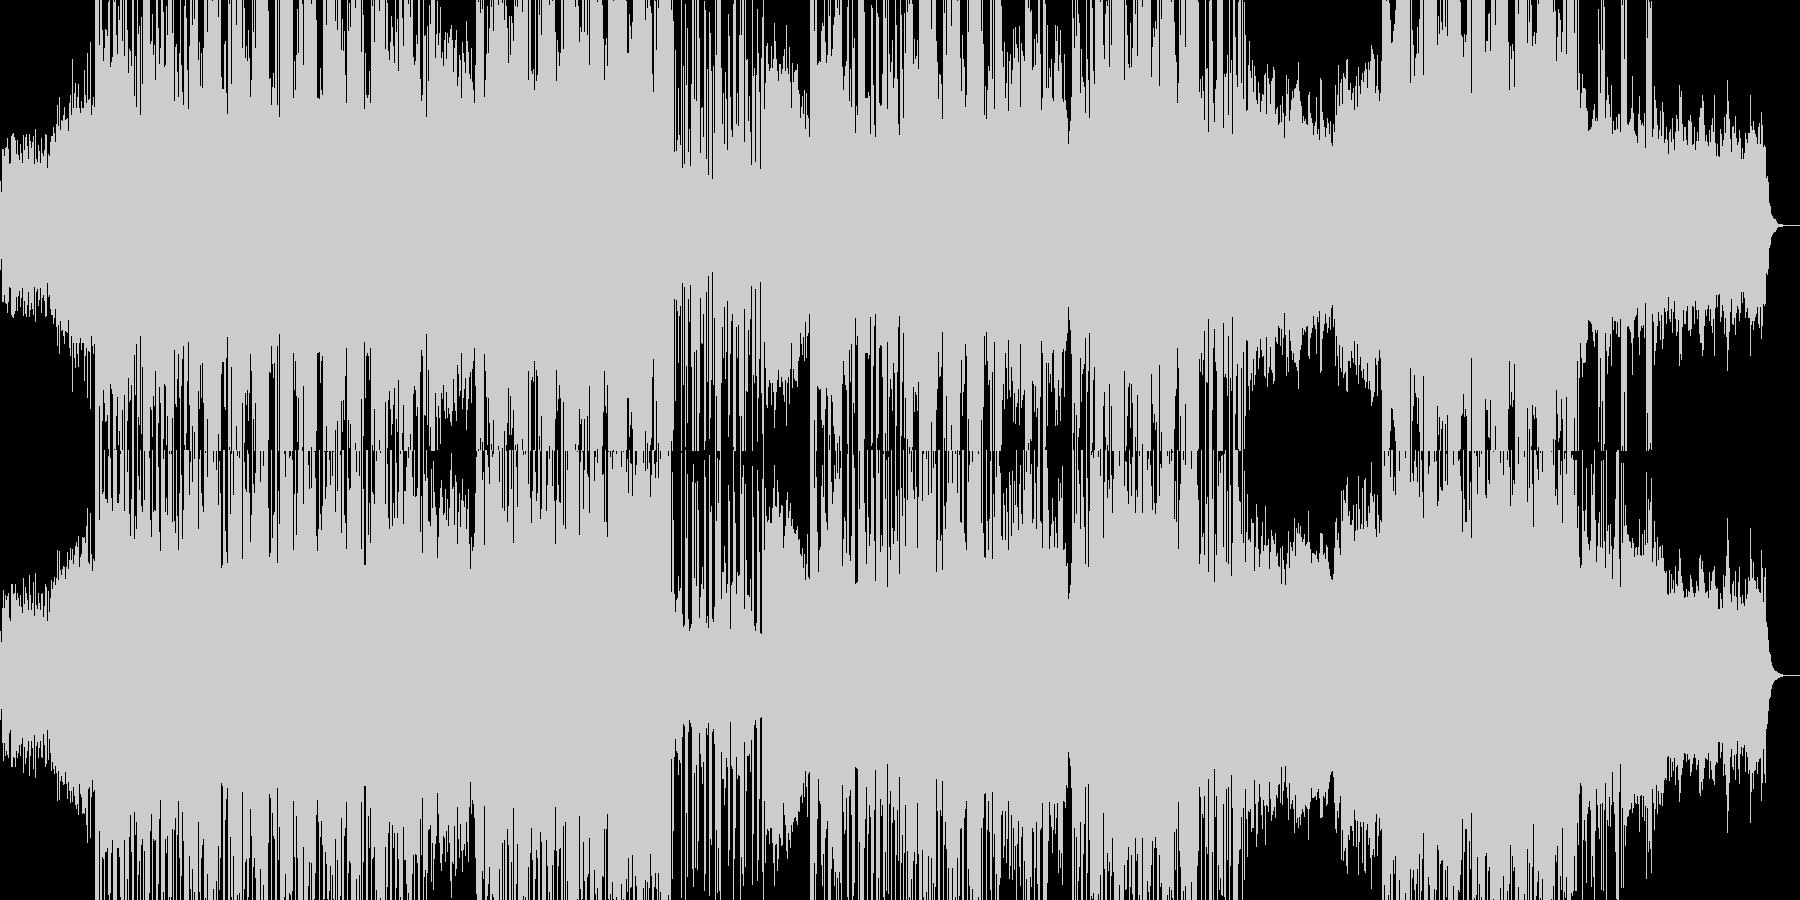 ミドルテンポのエレクトロミュージックの未再生の波形